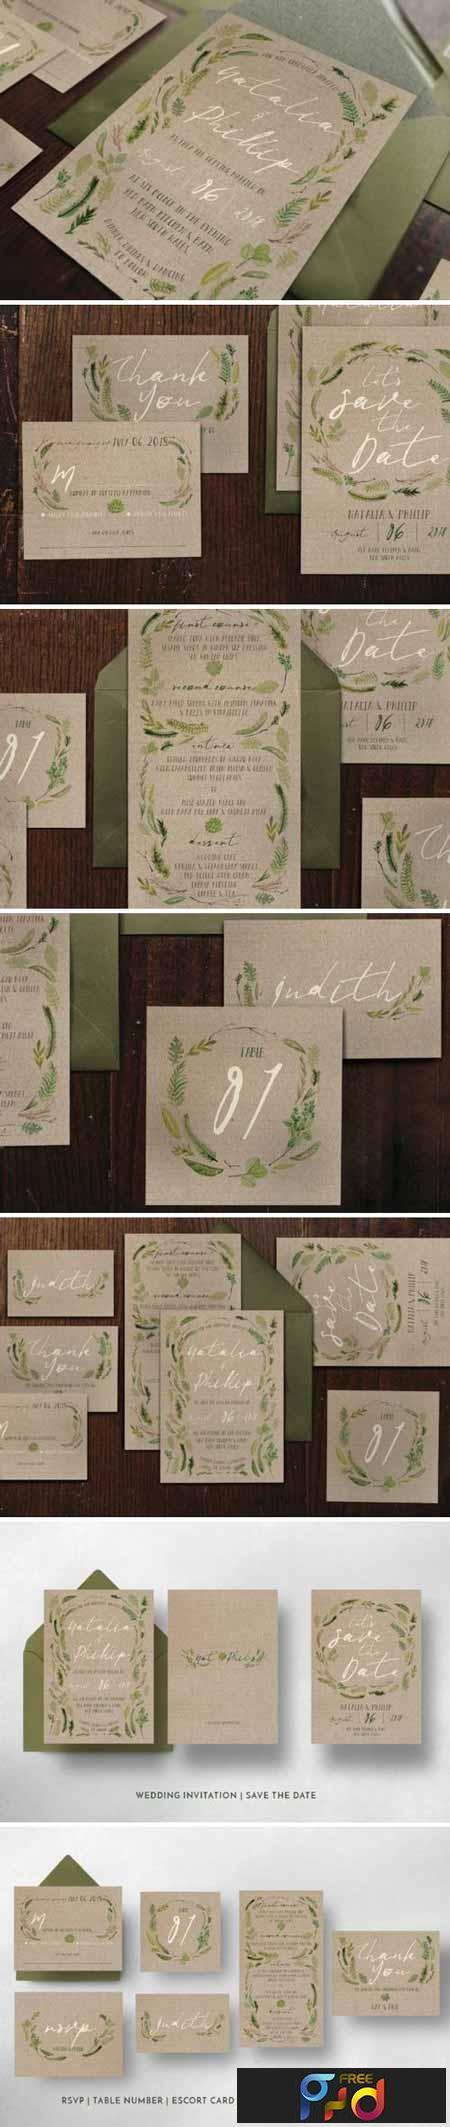 Watercolor Foliage Wedding Suite 1197917 1